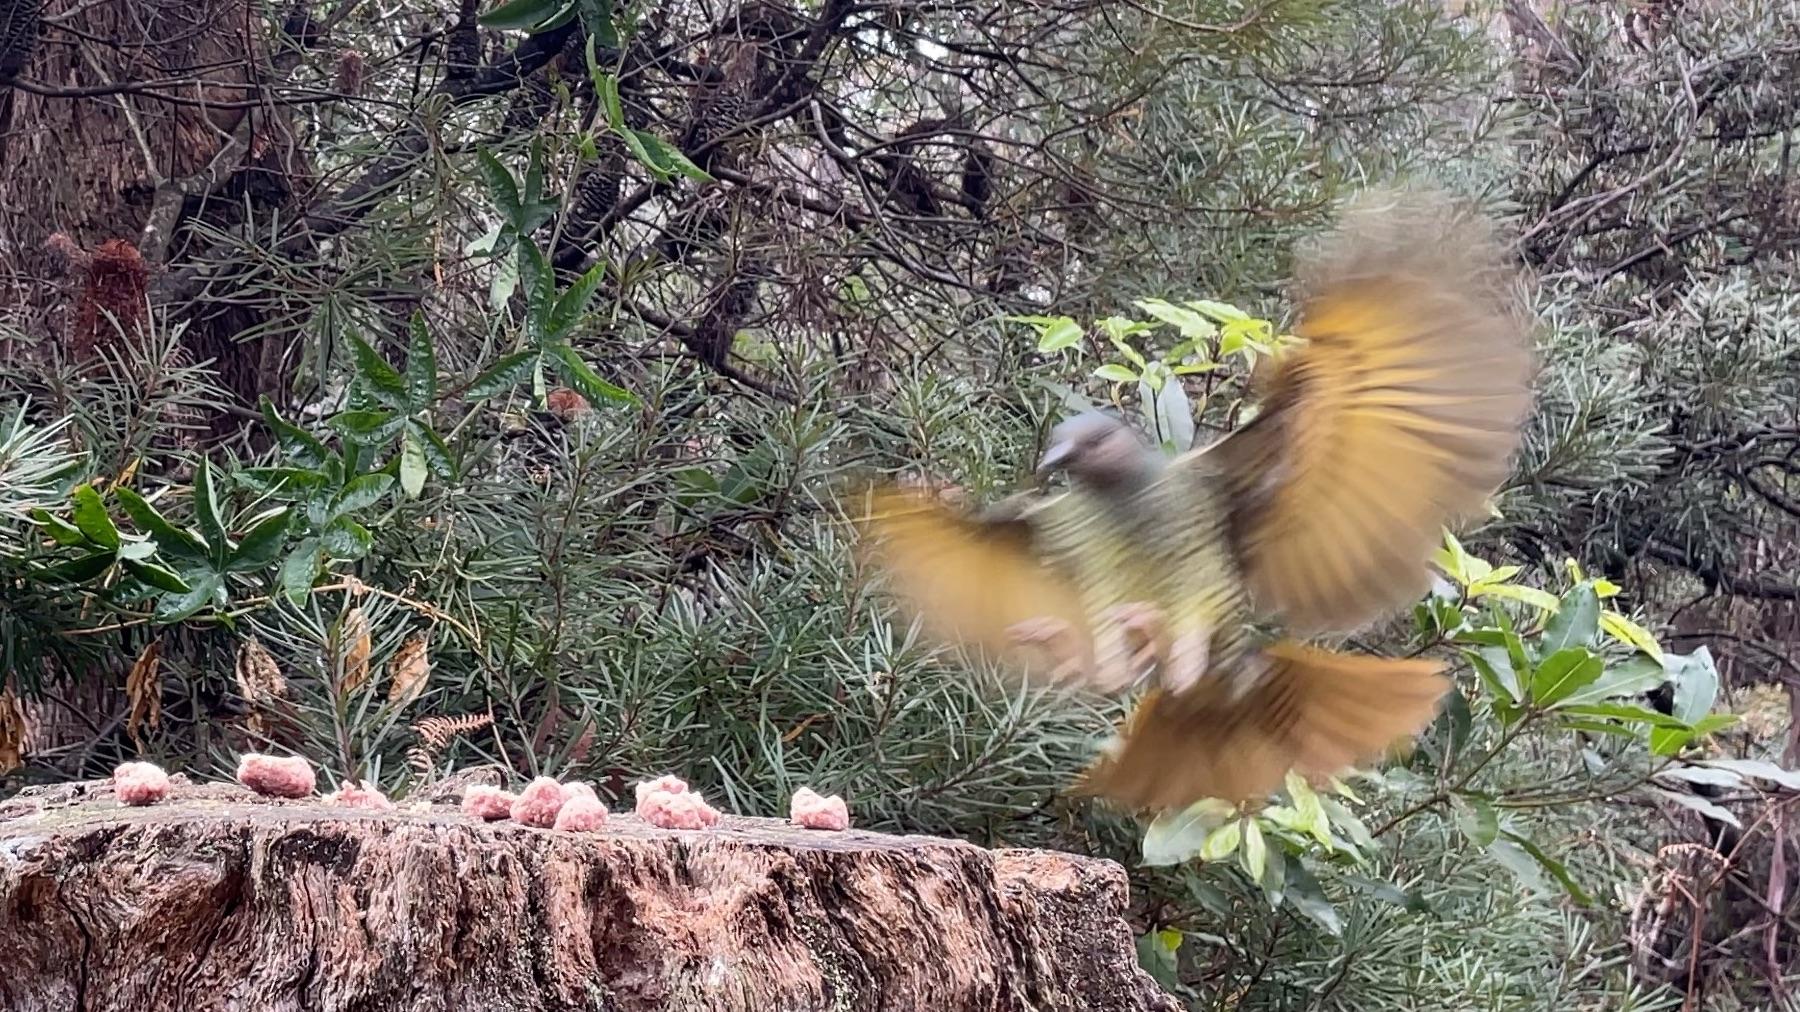 Satin Bowerbird Landing